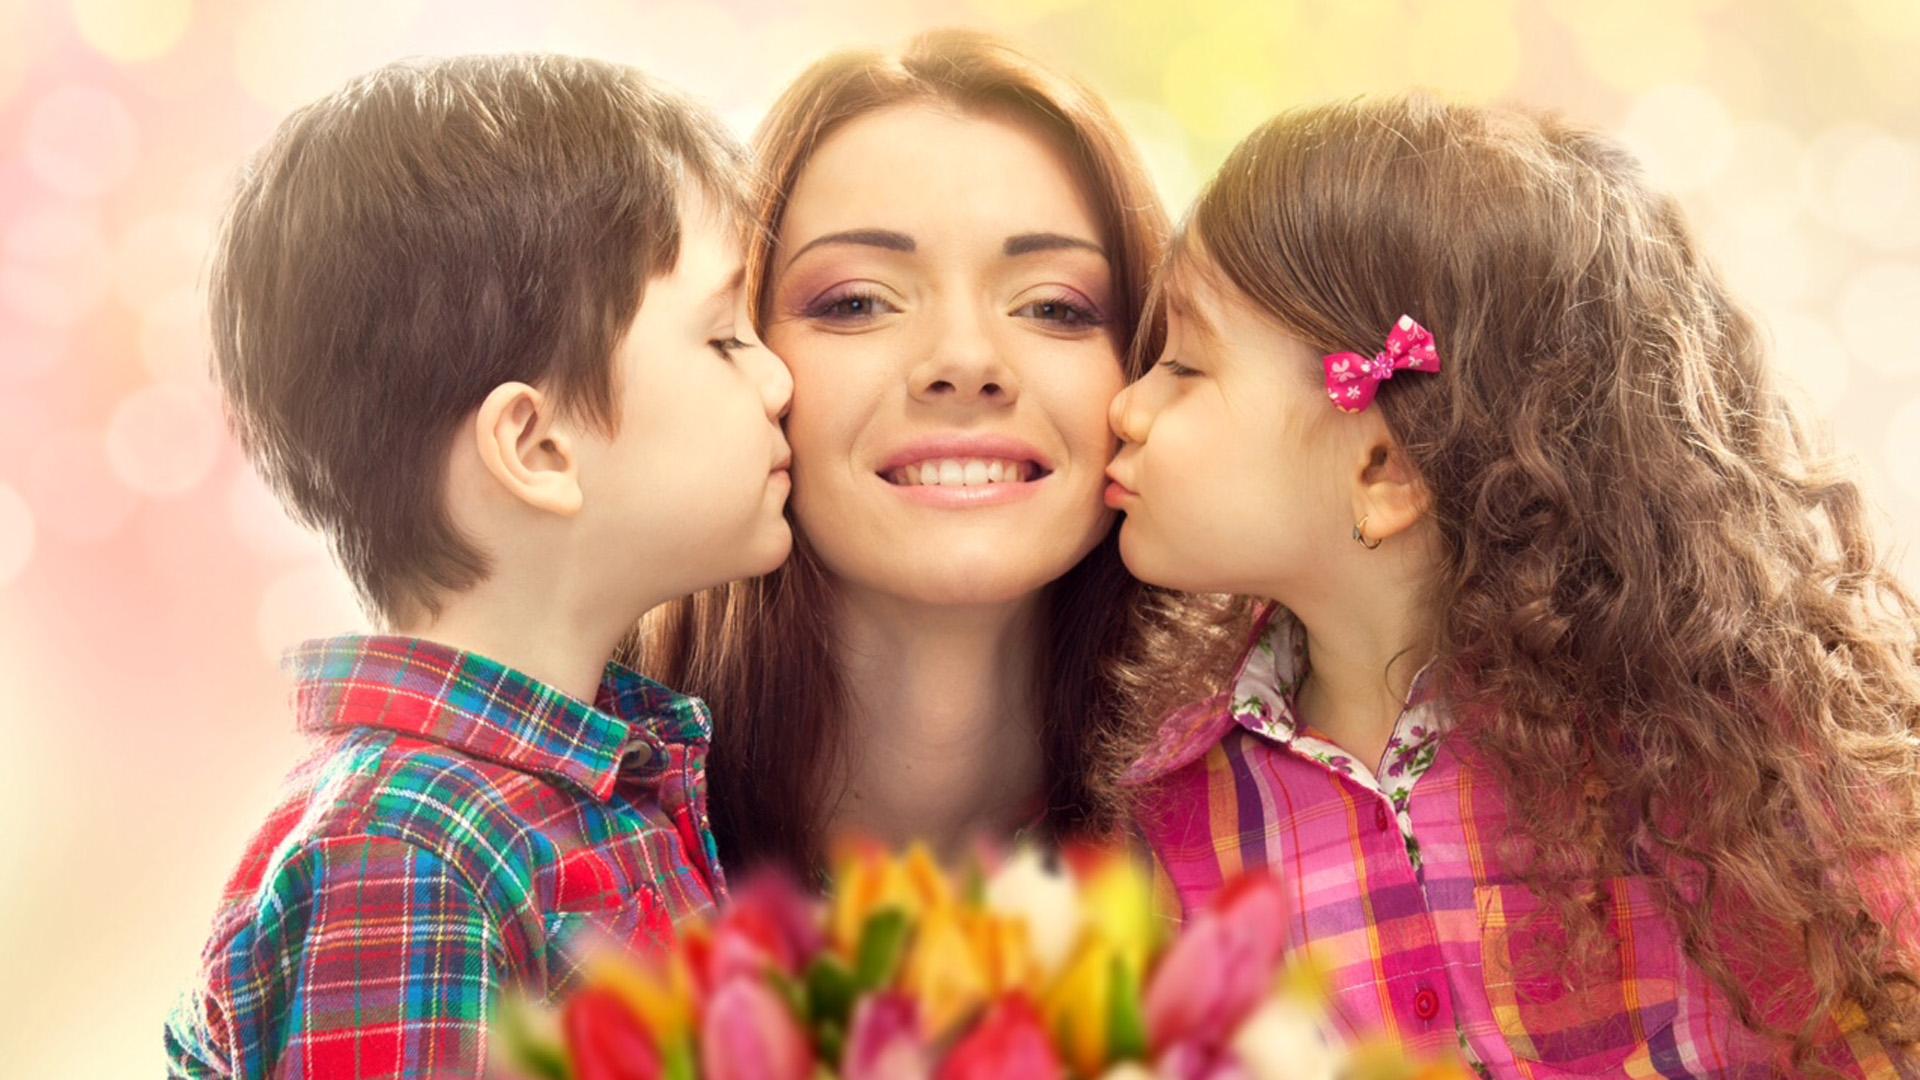 Guía De Regalos Para El Día De La Madre 2015 (FOTOS